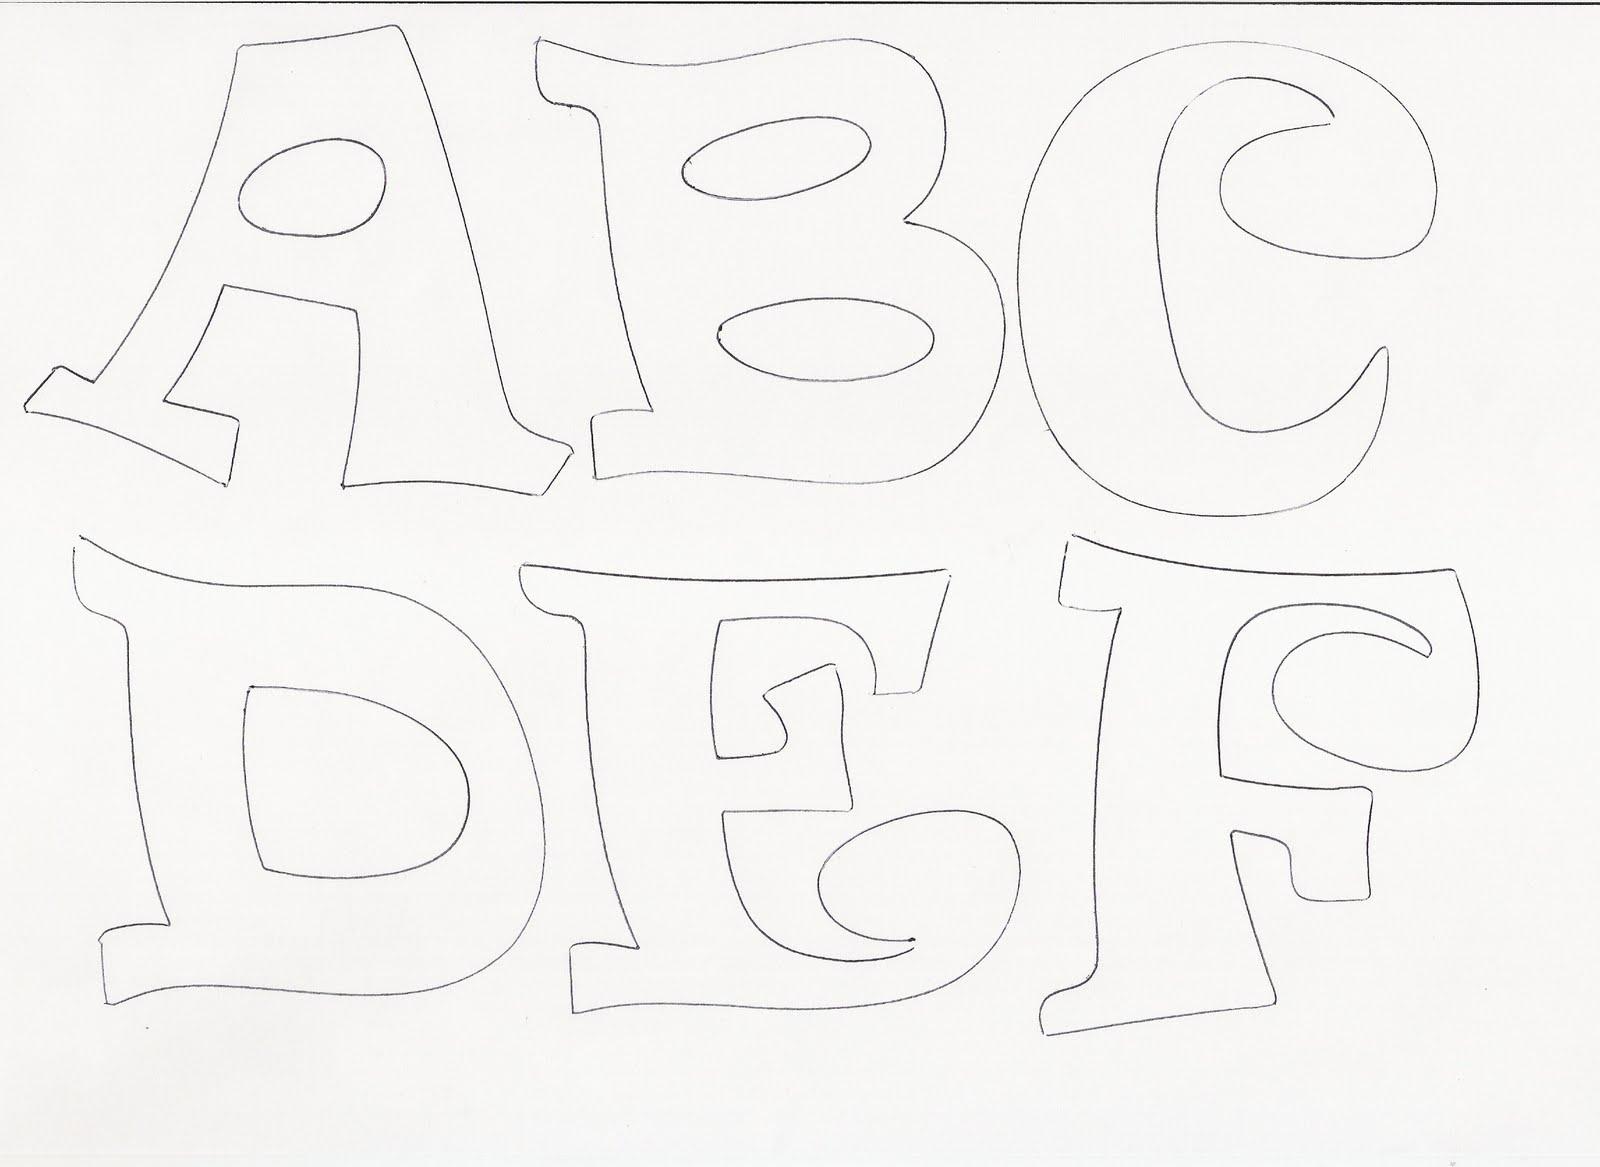 Moldes para hacer letras en goma eva - Imagui